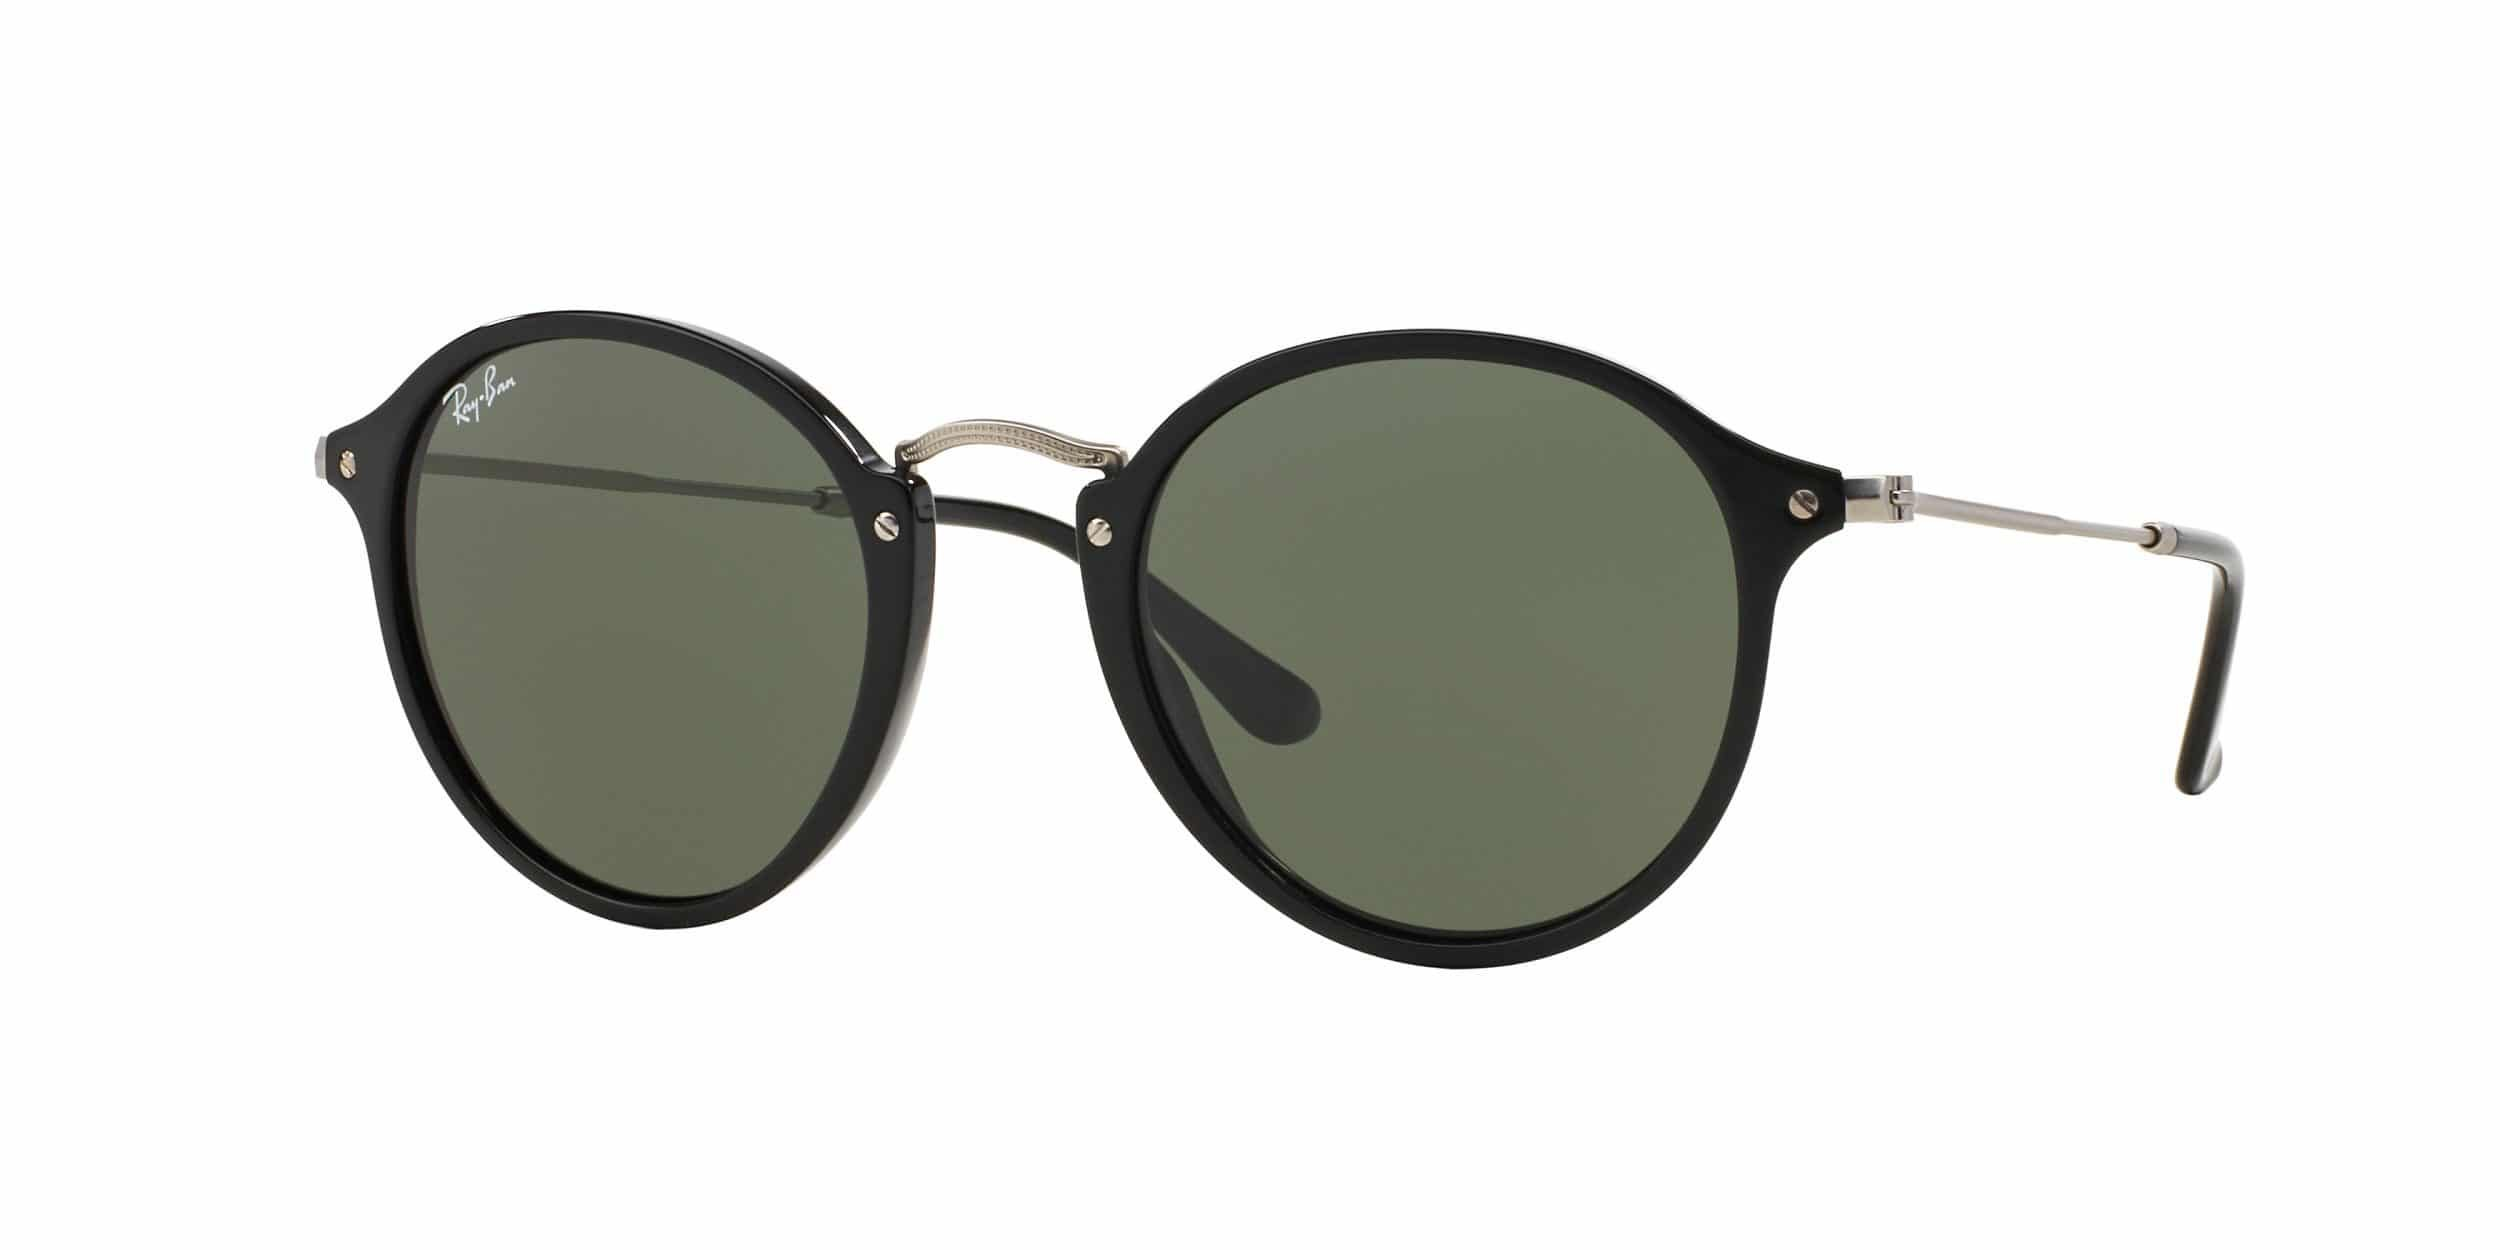 occhiali ray ban da sole uomo 2015